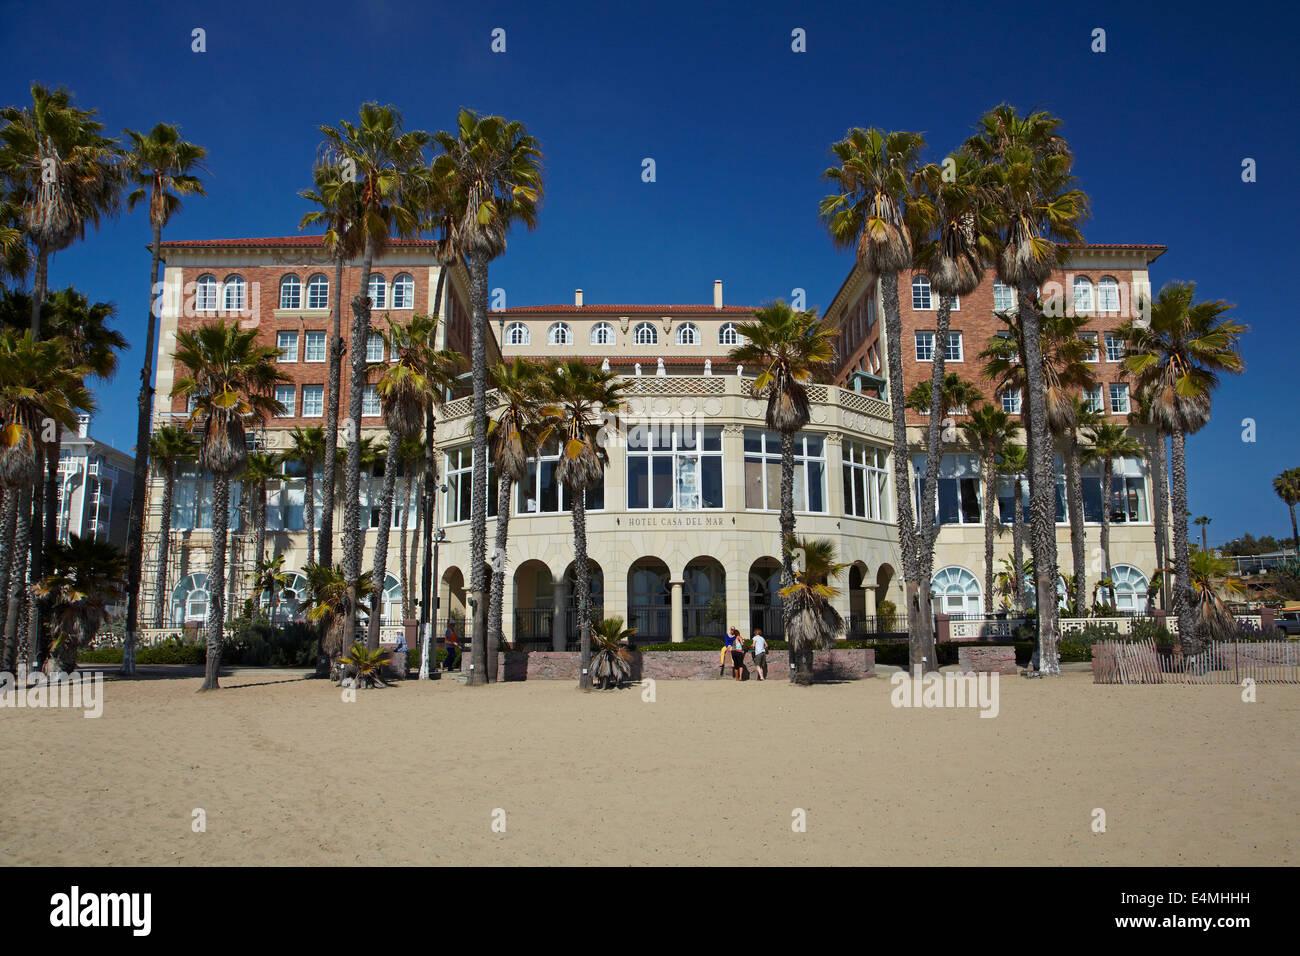 Hotel casa del mar santa monica los angeles california - Casa los angeles ...